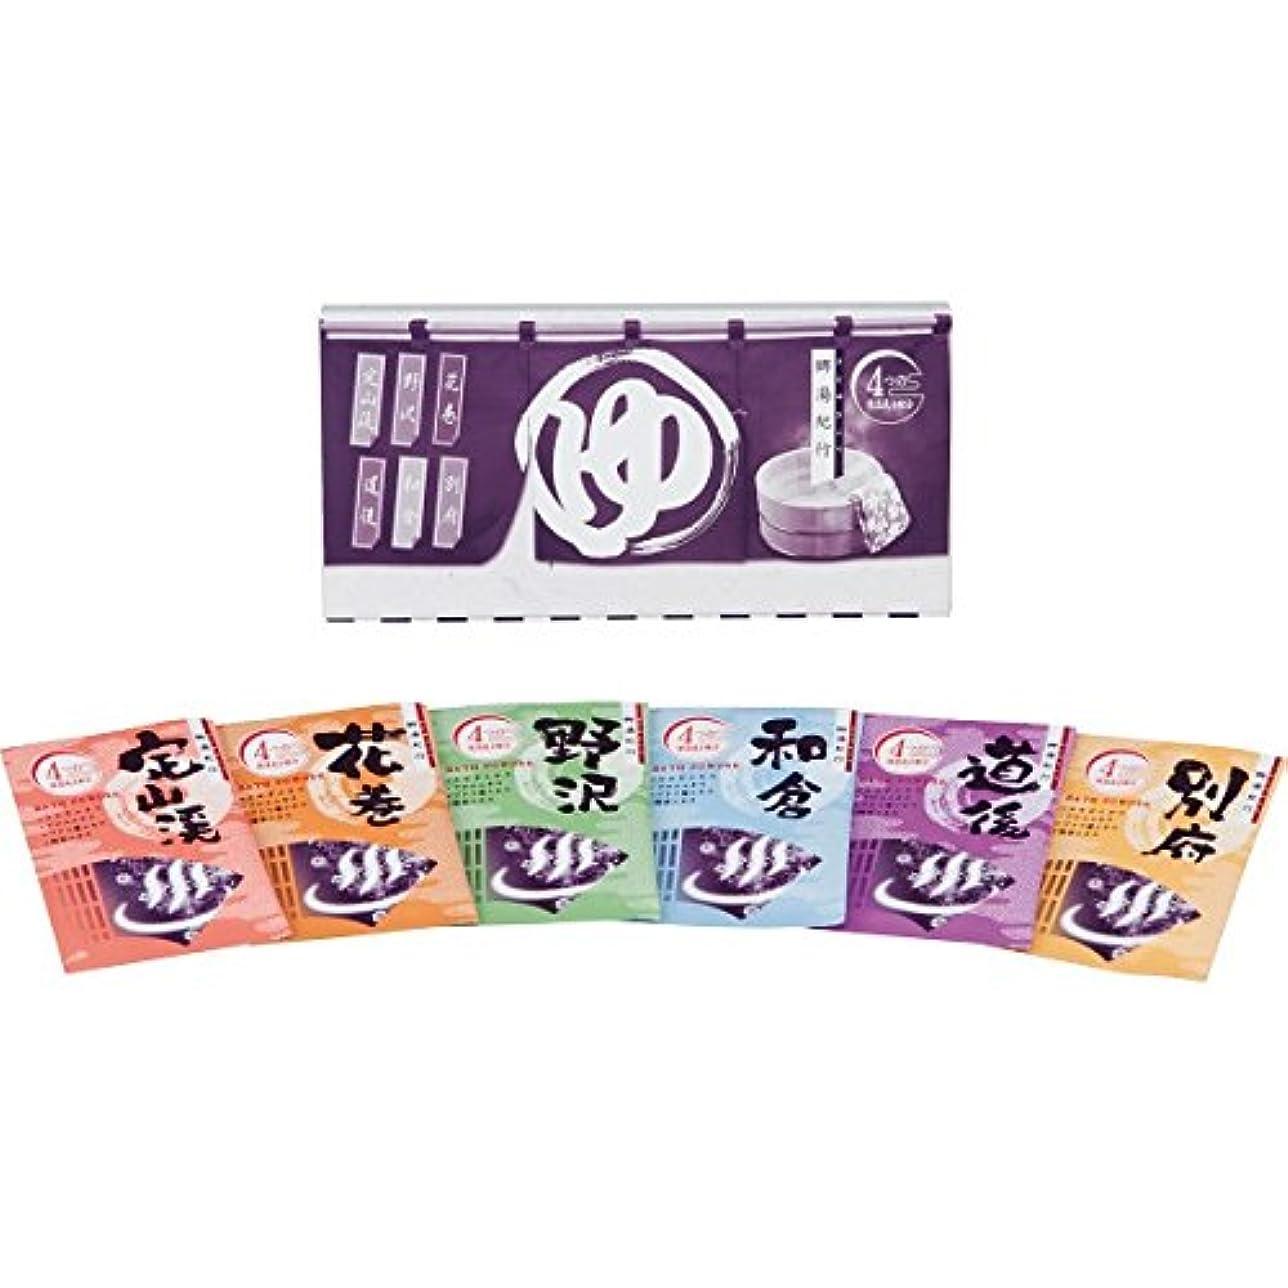 オープニング硬さ膜薬用入浴剤 郷湯紀行(6包入) 6SS506